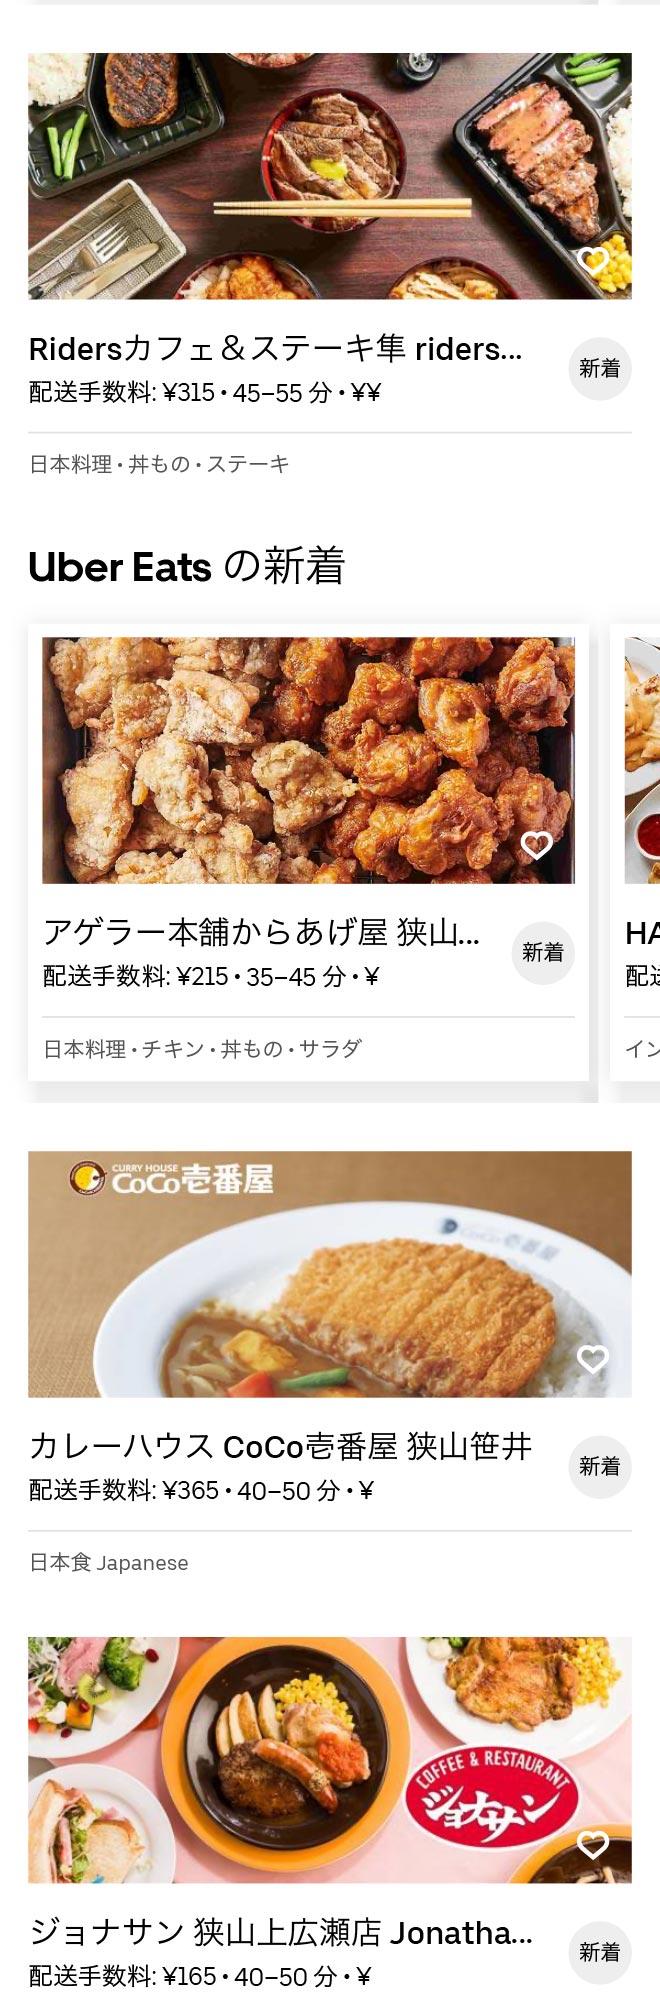 Sayama menu 2010 02